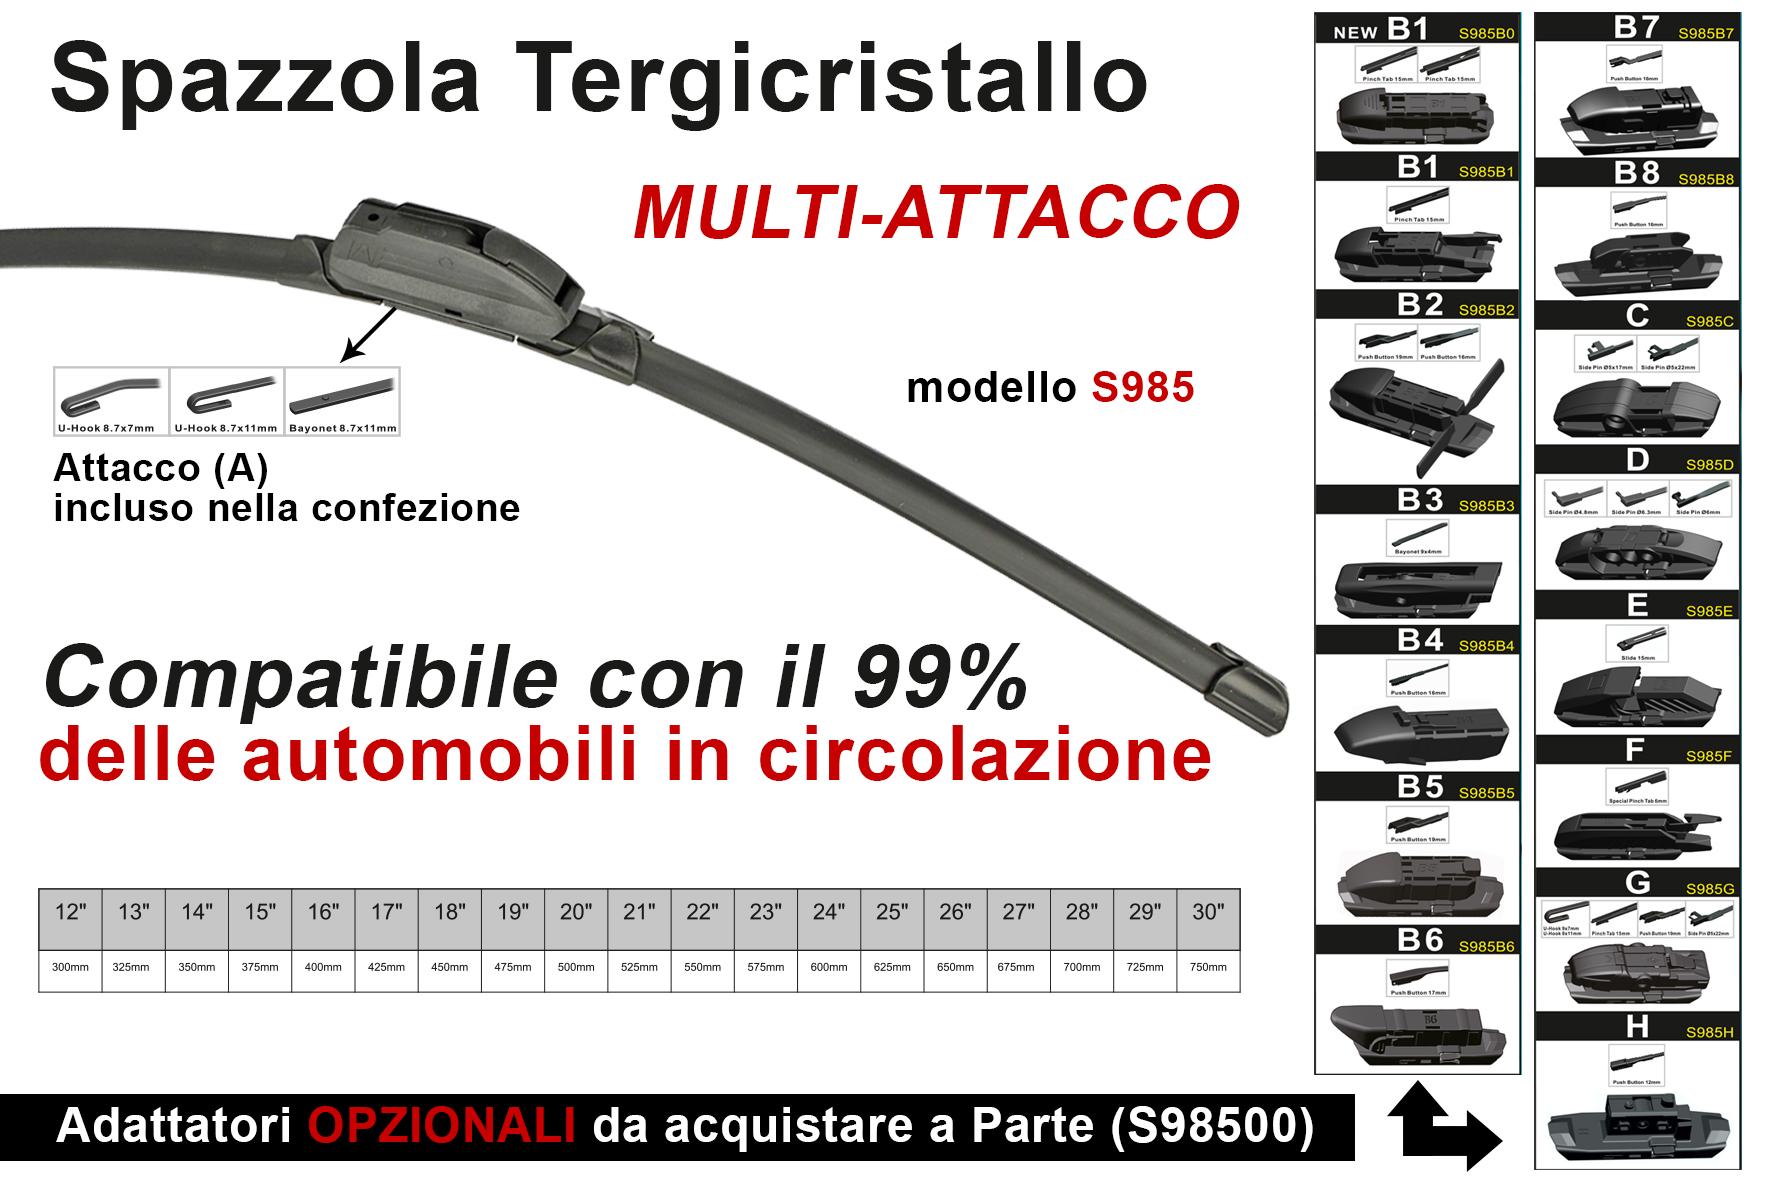 Spazzola Tergicristallo Auto Universale S985 14`` 350mm Carall 16 Attacchi Opzionale - PZ